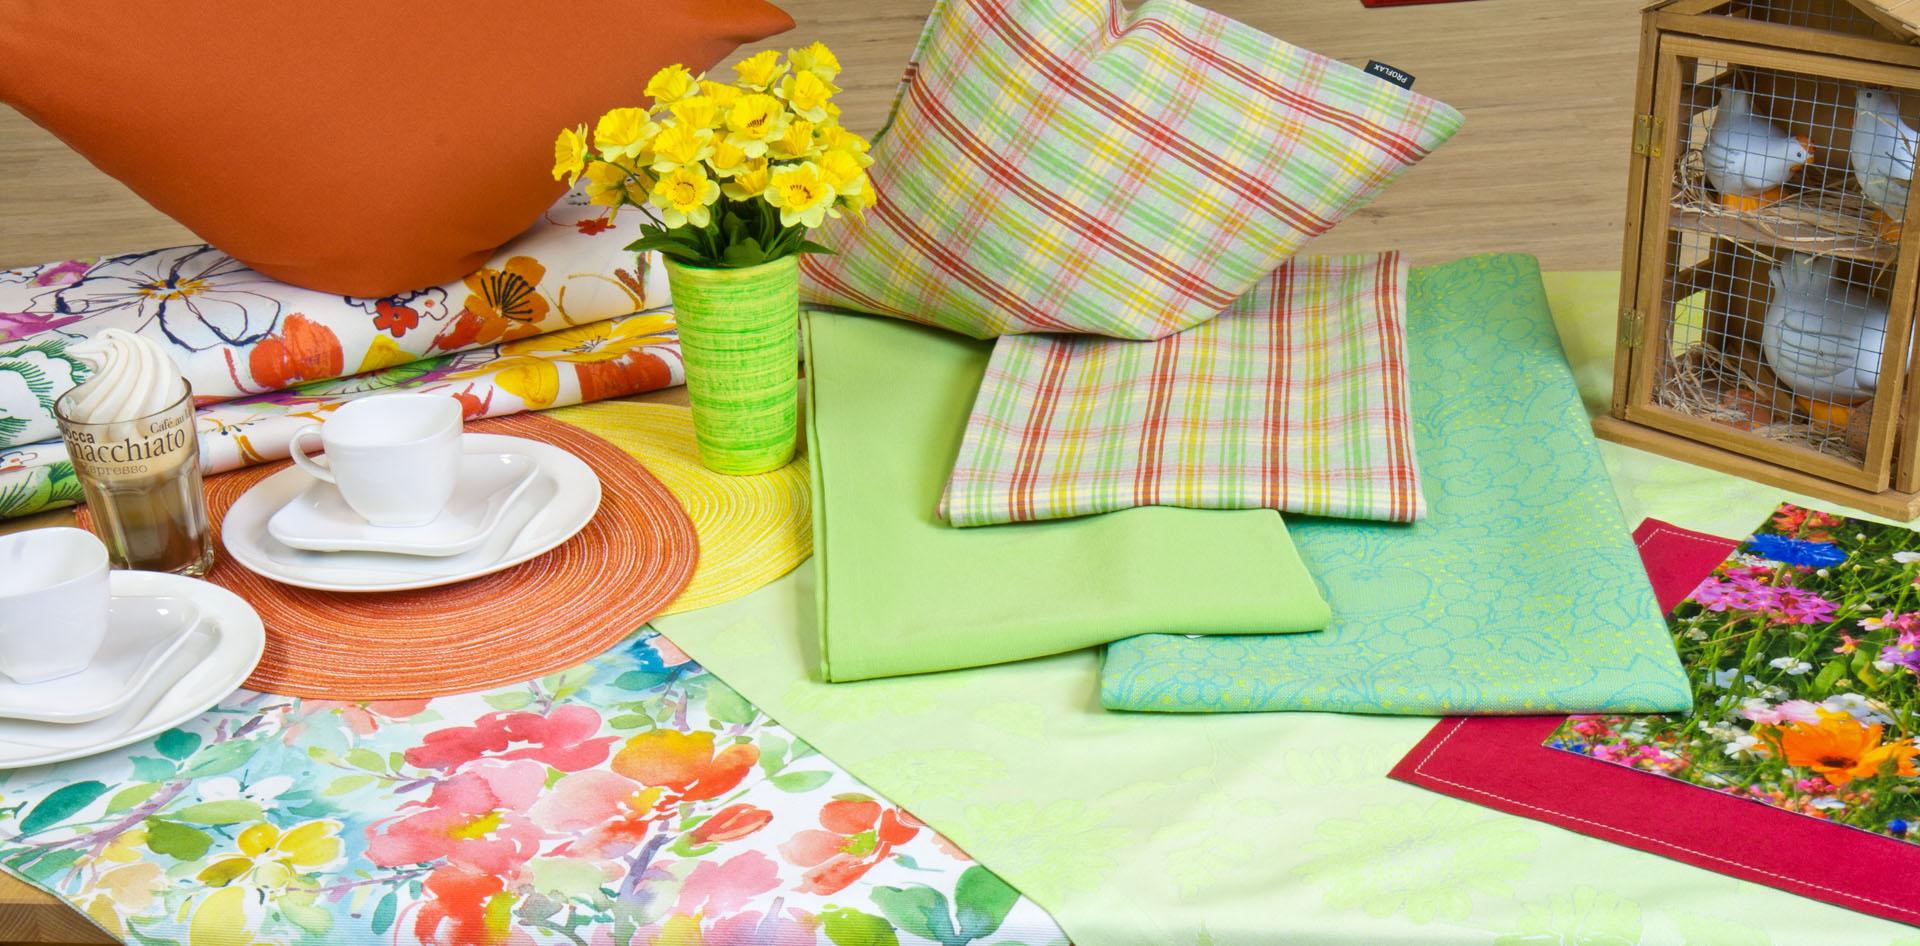 tischw sche betten sautmann. Black Bedroom Furniture Sets. Home Design Ideas